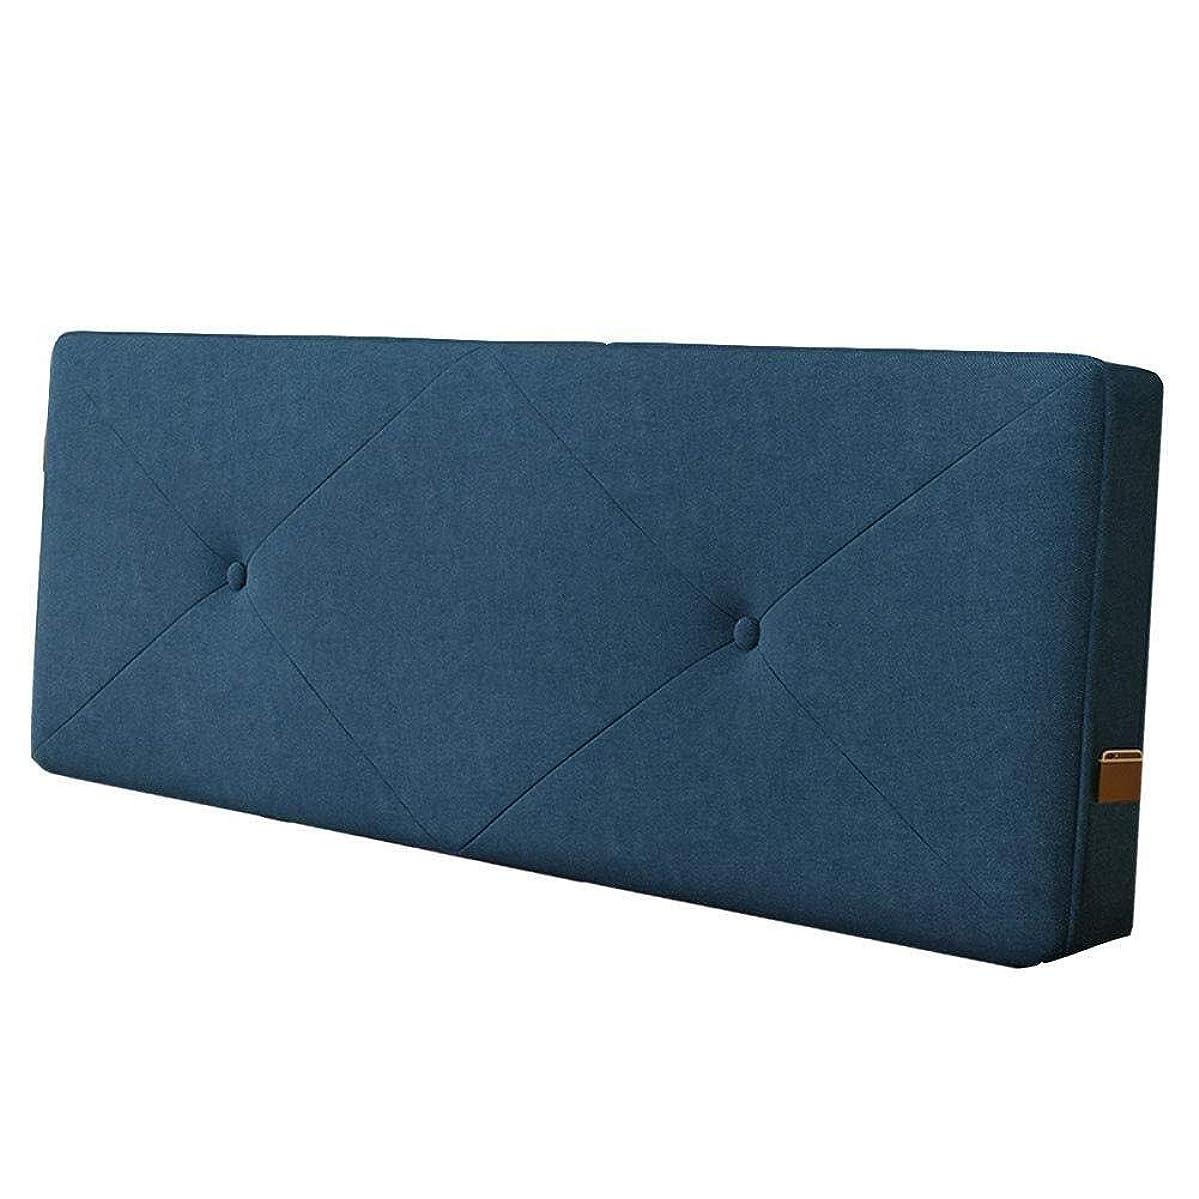 フィドル農村有利NJYT ベッドサイドクッション腰パッド枕サポート綿スポンジ背もたれ肌に優しい高反発柔らかい洗えるダブルベッド、4サイズ (Color : Navy Blue 1, Size : 200X60cm)